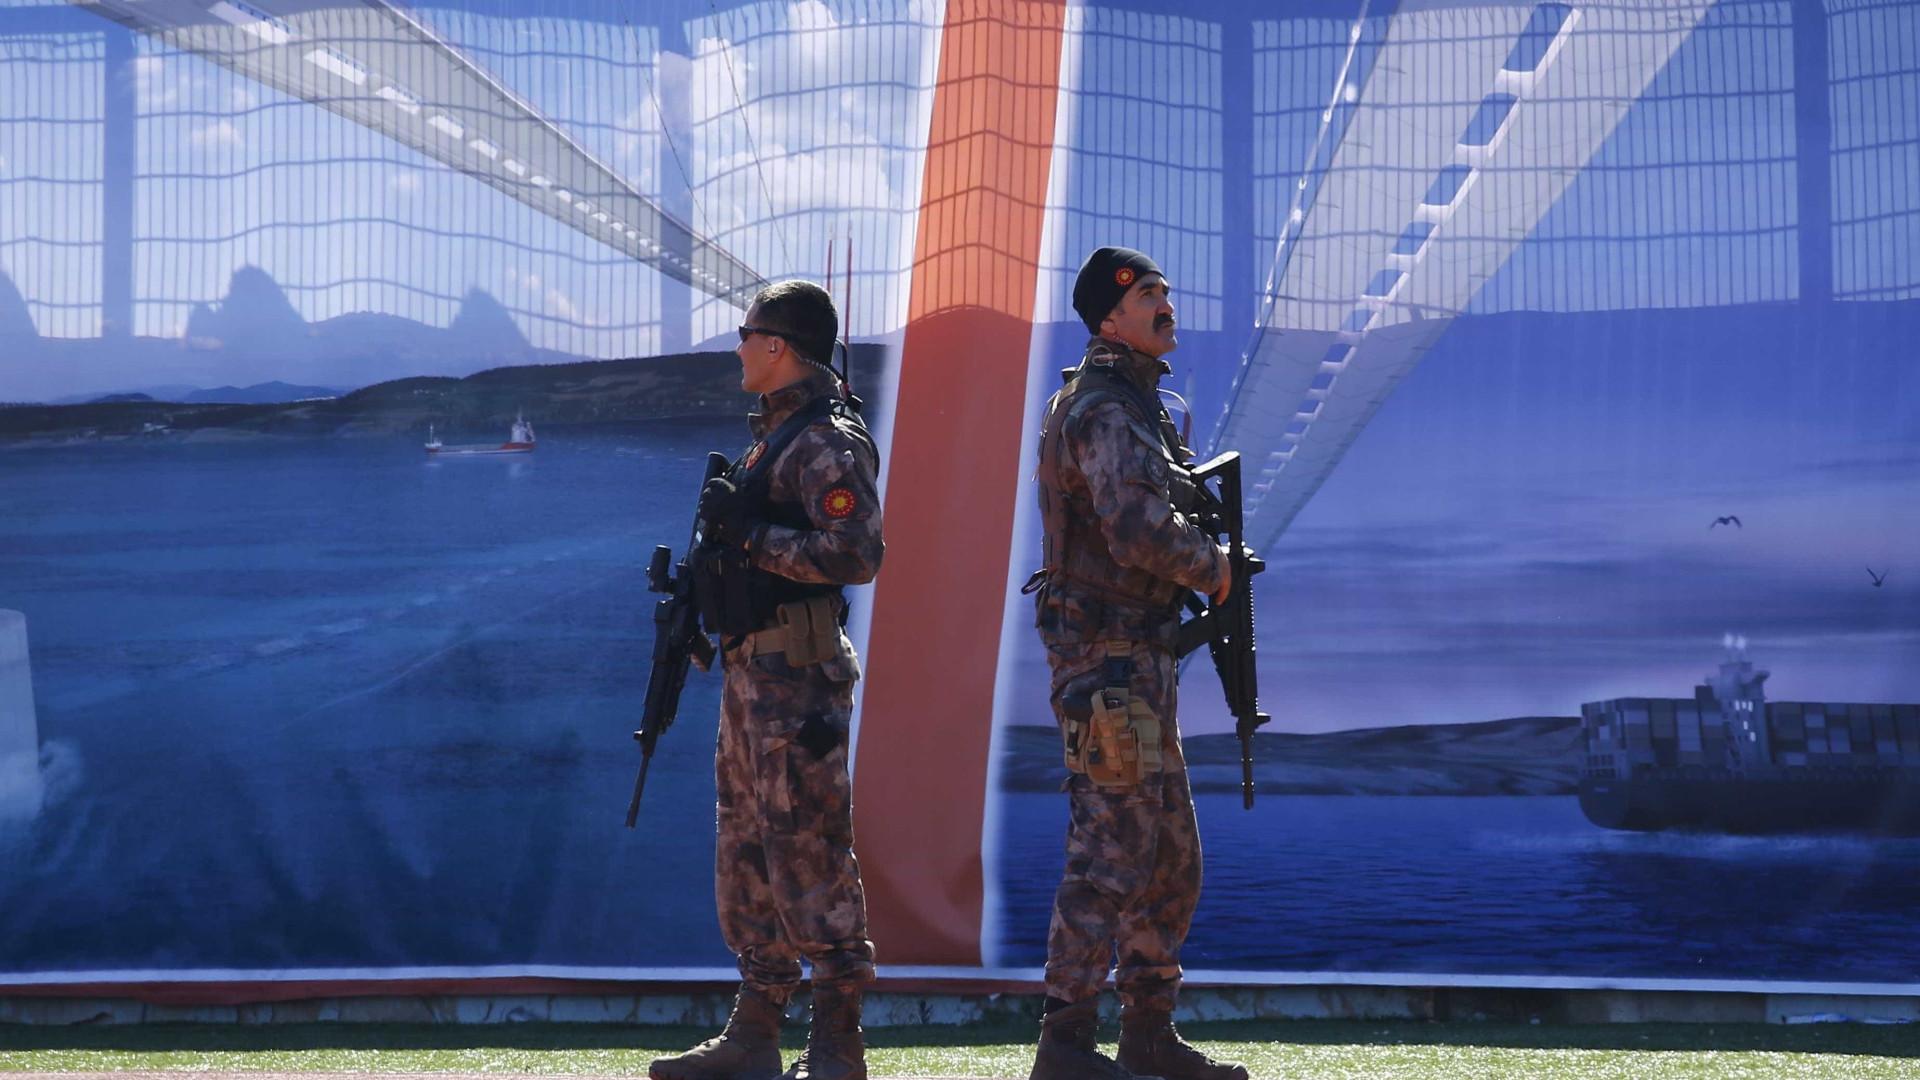 Polícia turca deteve mais de duas mil pessoas por suspeitas de terrorismo